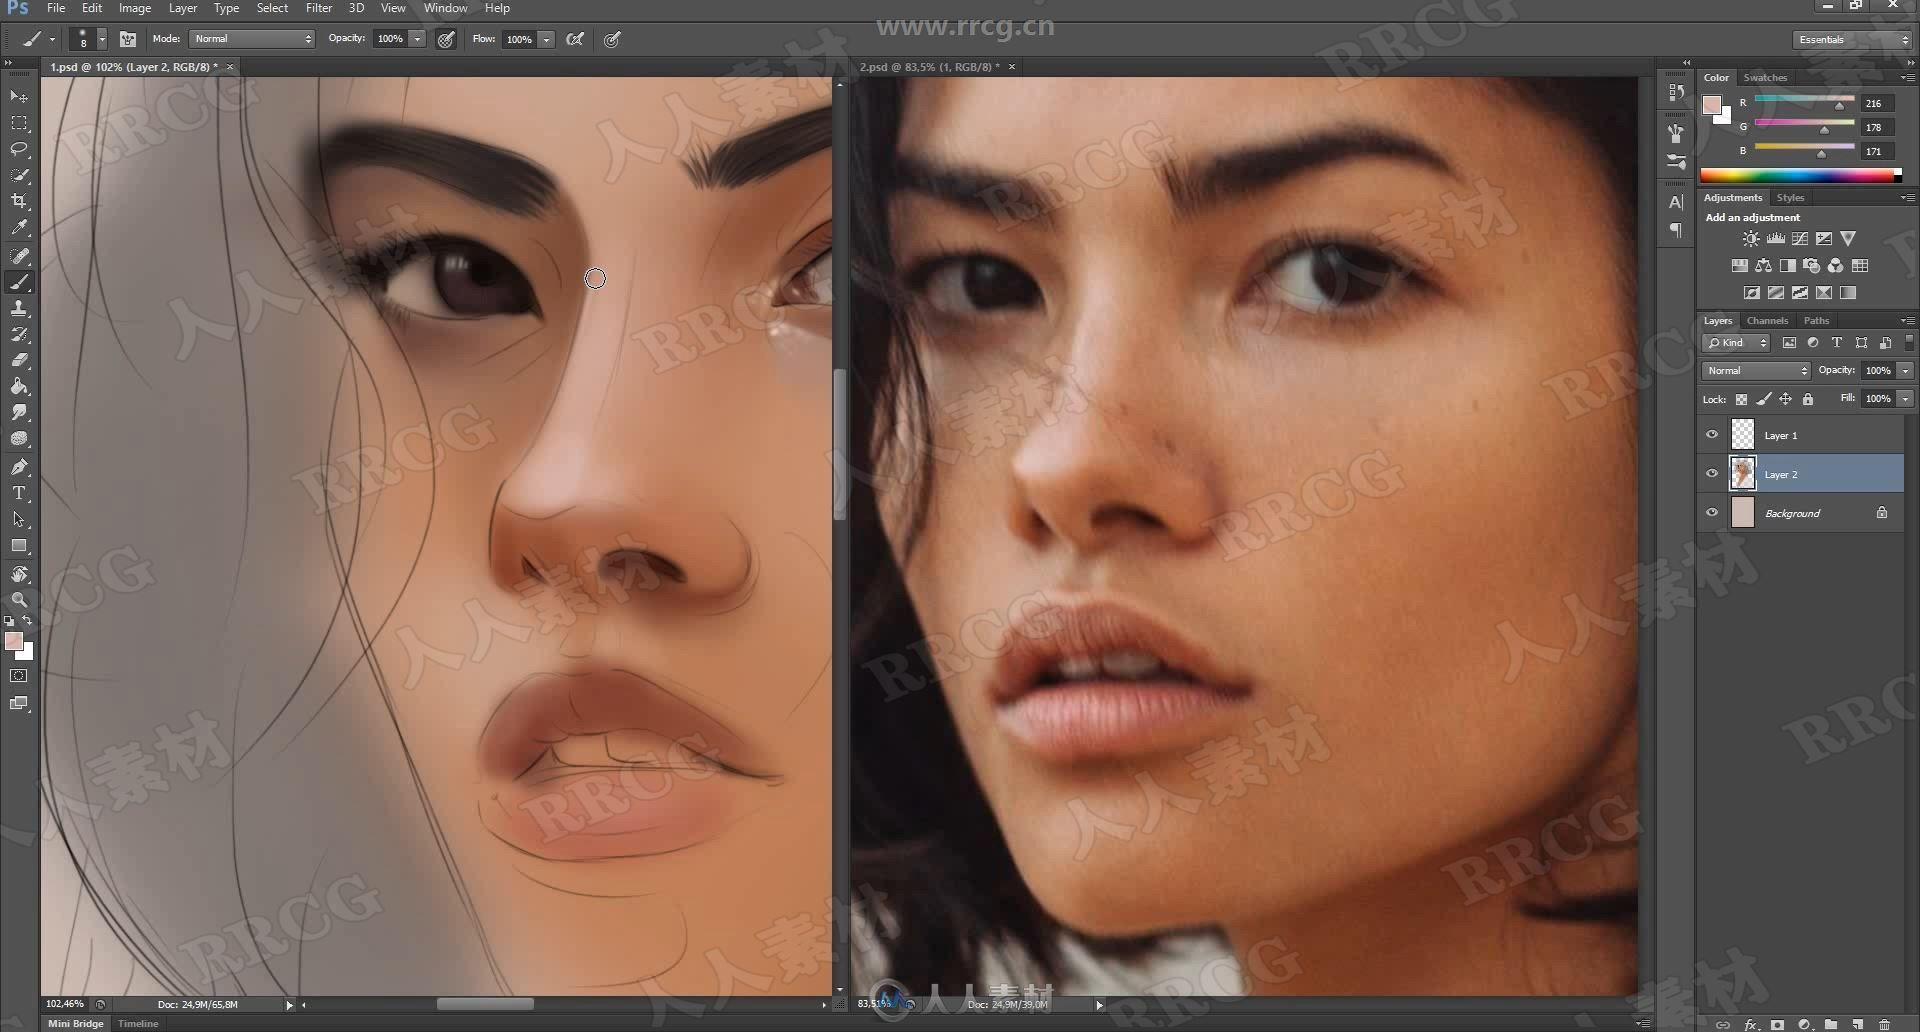 美女肖像照片逼真数字绘画实例训练视频教程